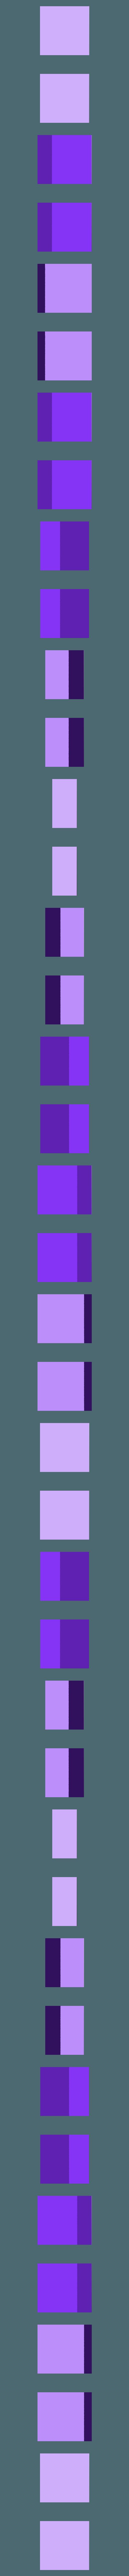 Black-_Eye_pupils.stl Télécharger fichier STL gratuit PacMan 8 bits et fantômes - Pièces séparées (pas besoin de colle) • Design à imprimer en 3D, conceptify